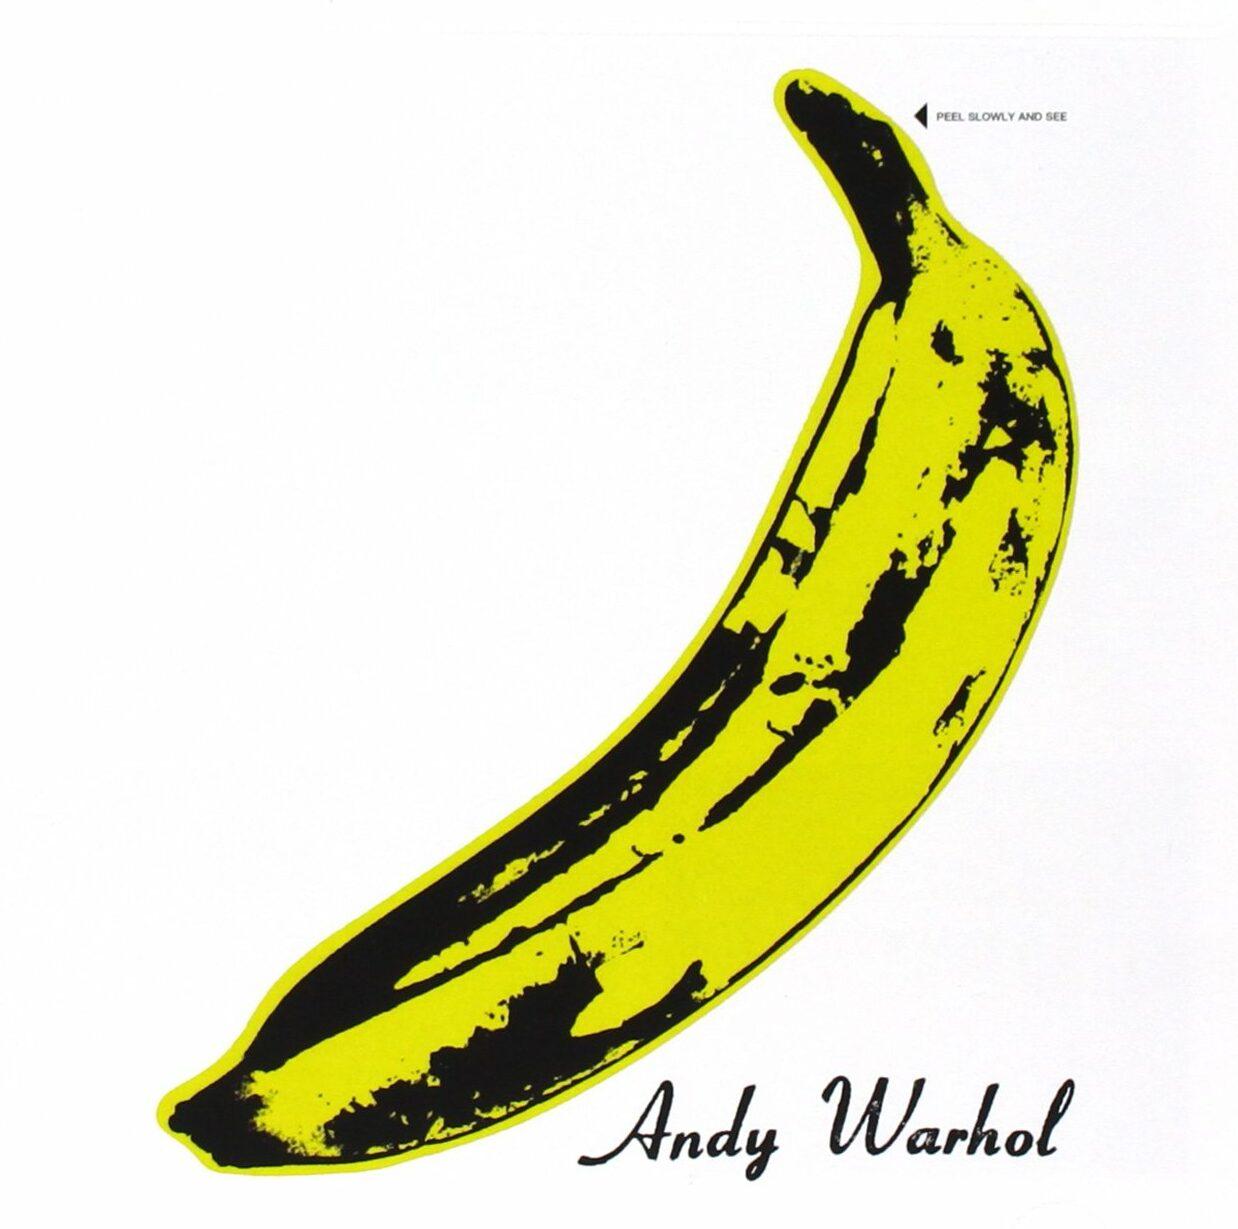 Werd de Velvet Underground & Nico destijds genegeerd? Kan ik me niks van herinneren…